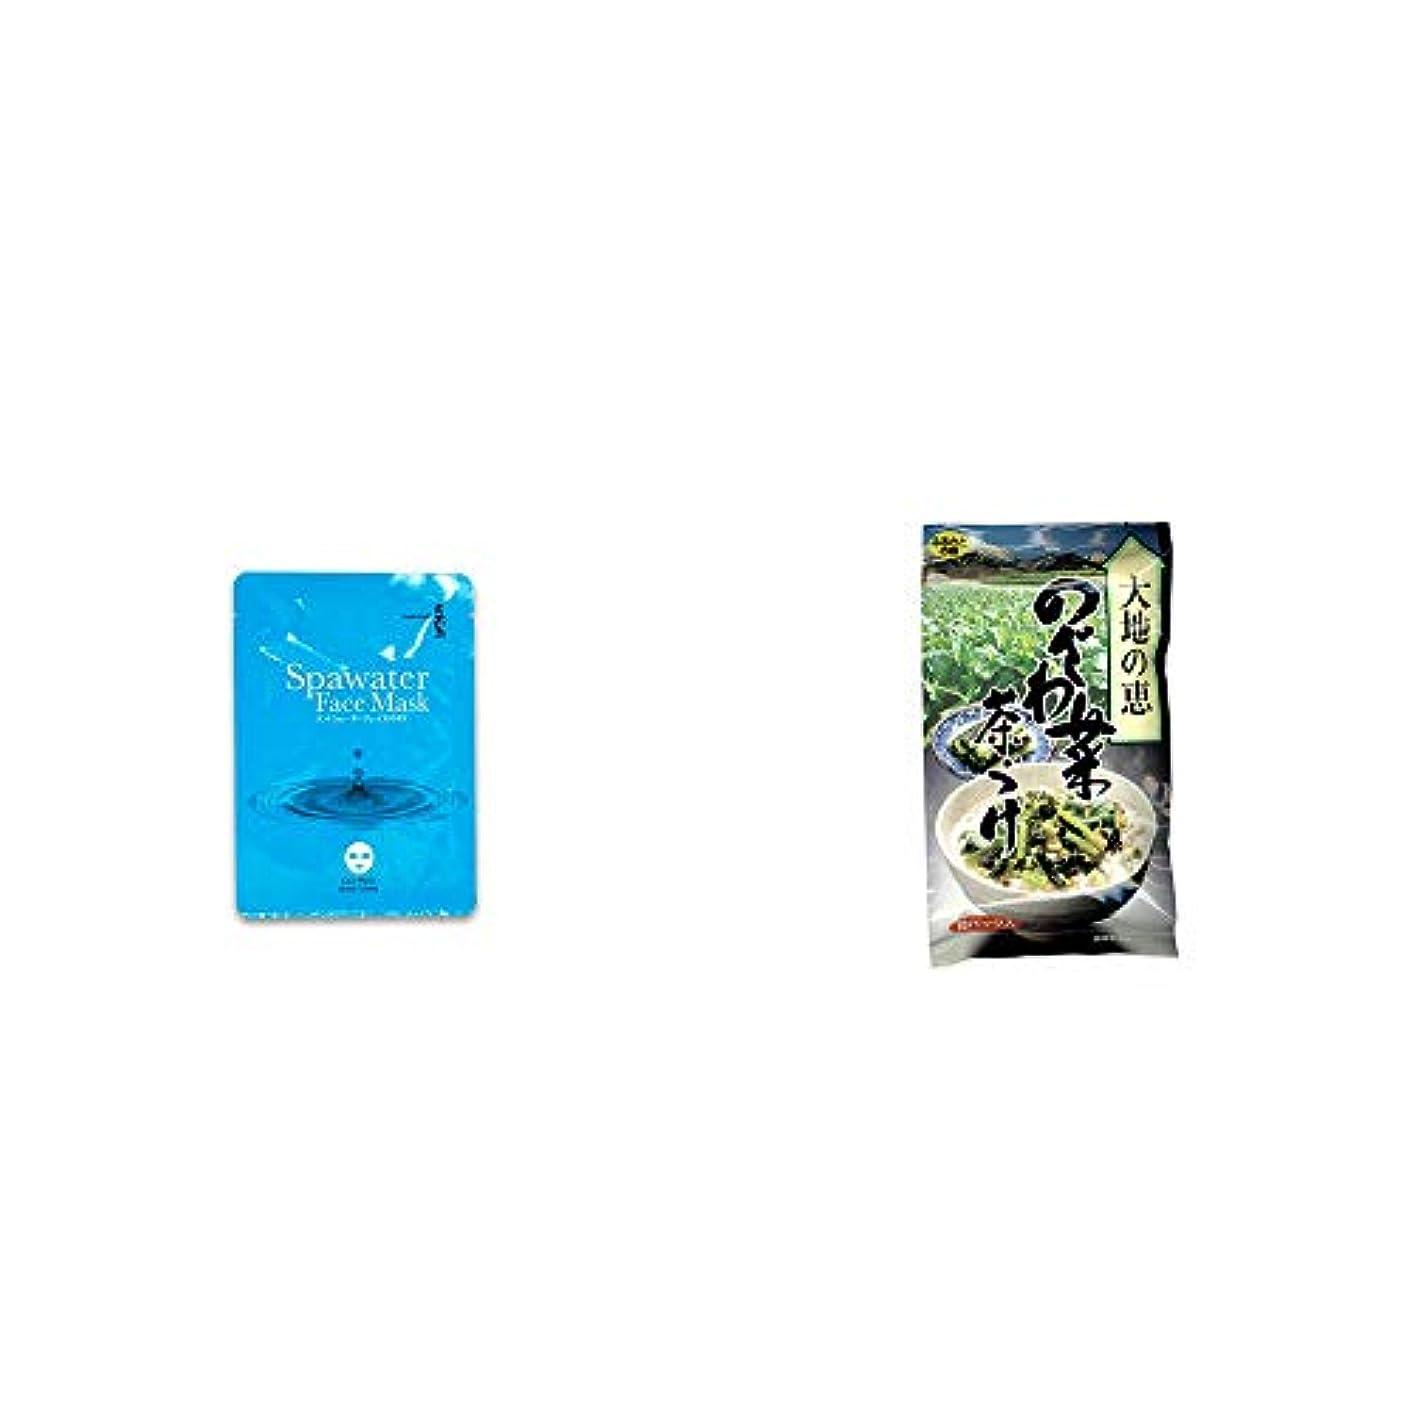 赤外線有力者感情[2点セット] ひのき炭黒泉 スパウォーターフェイスマスク(18ml×3枚入)?特選茶漬け 大地の恵 のざわ菜茶づけ(10袋入)